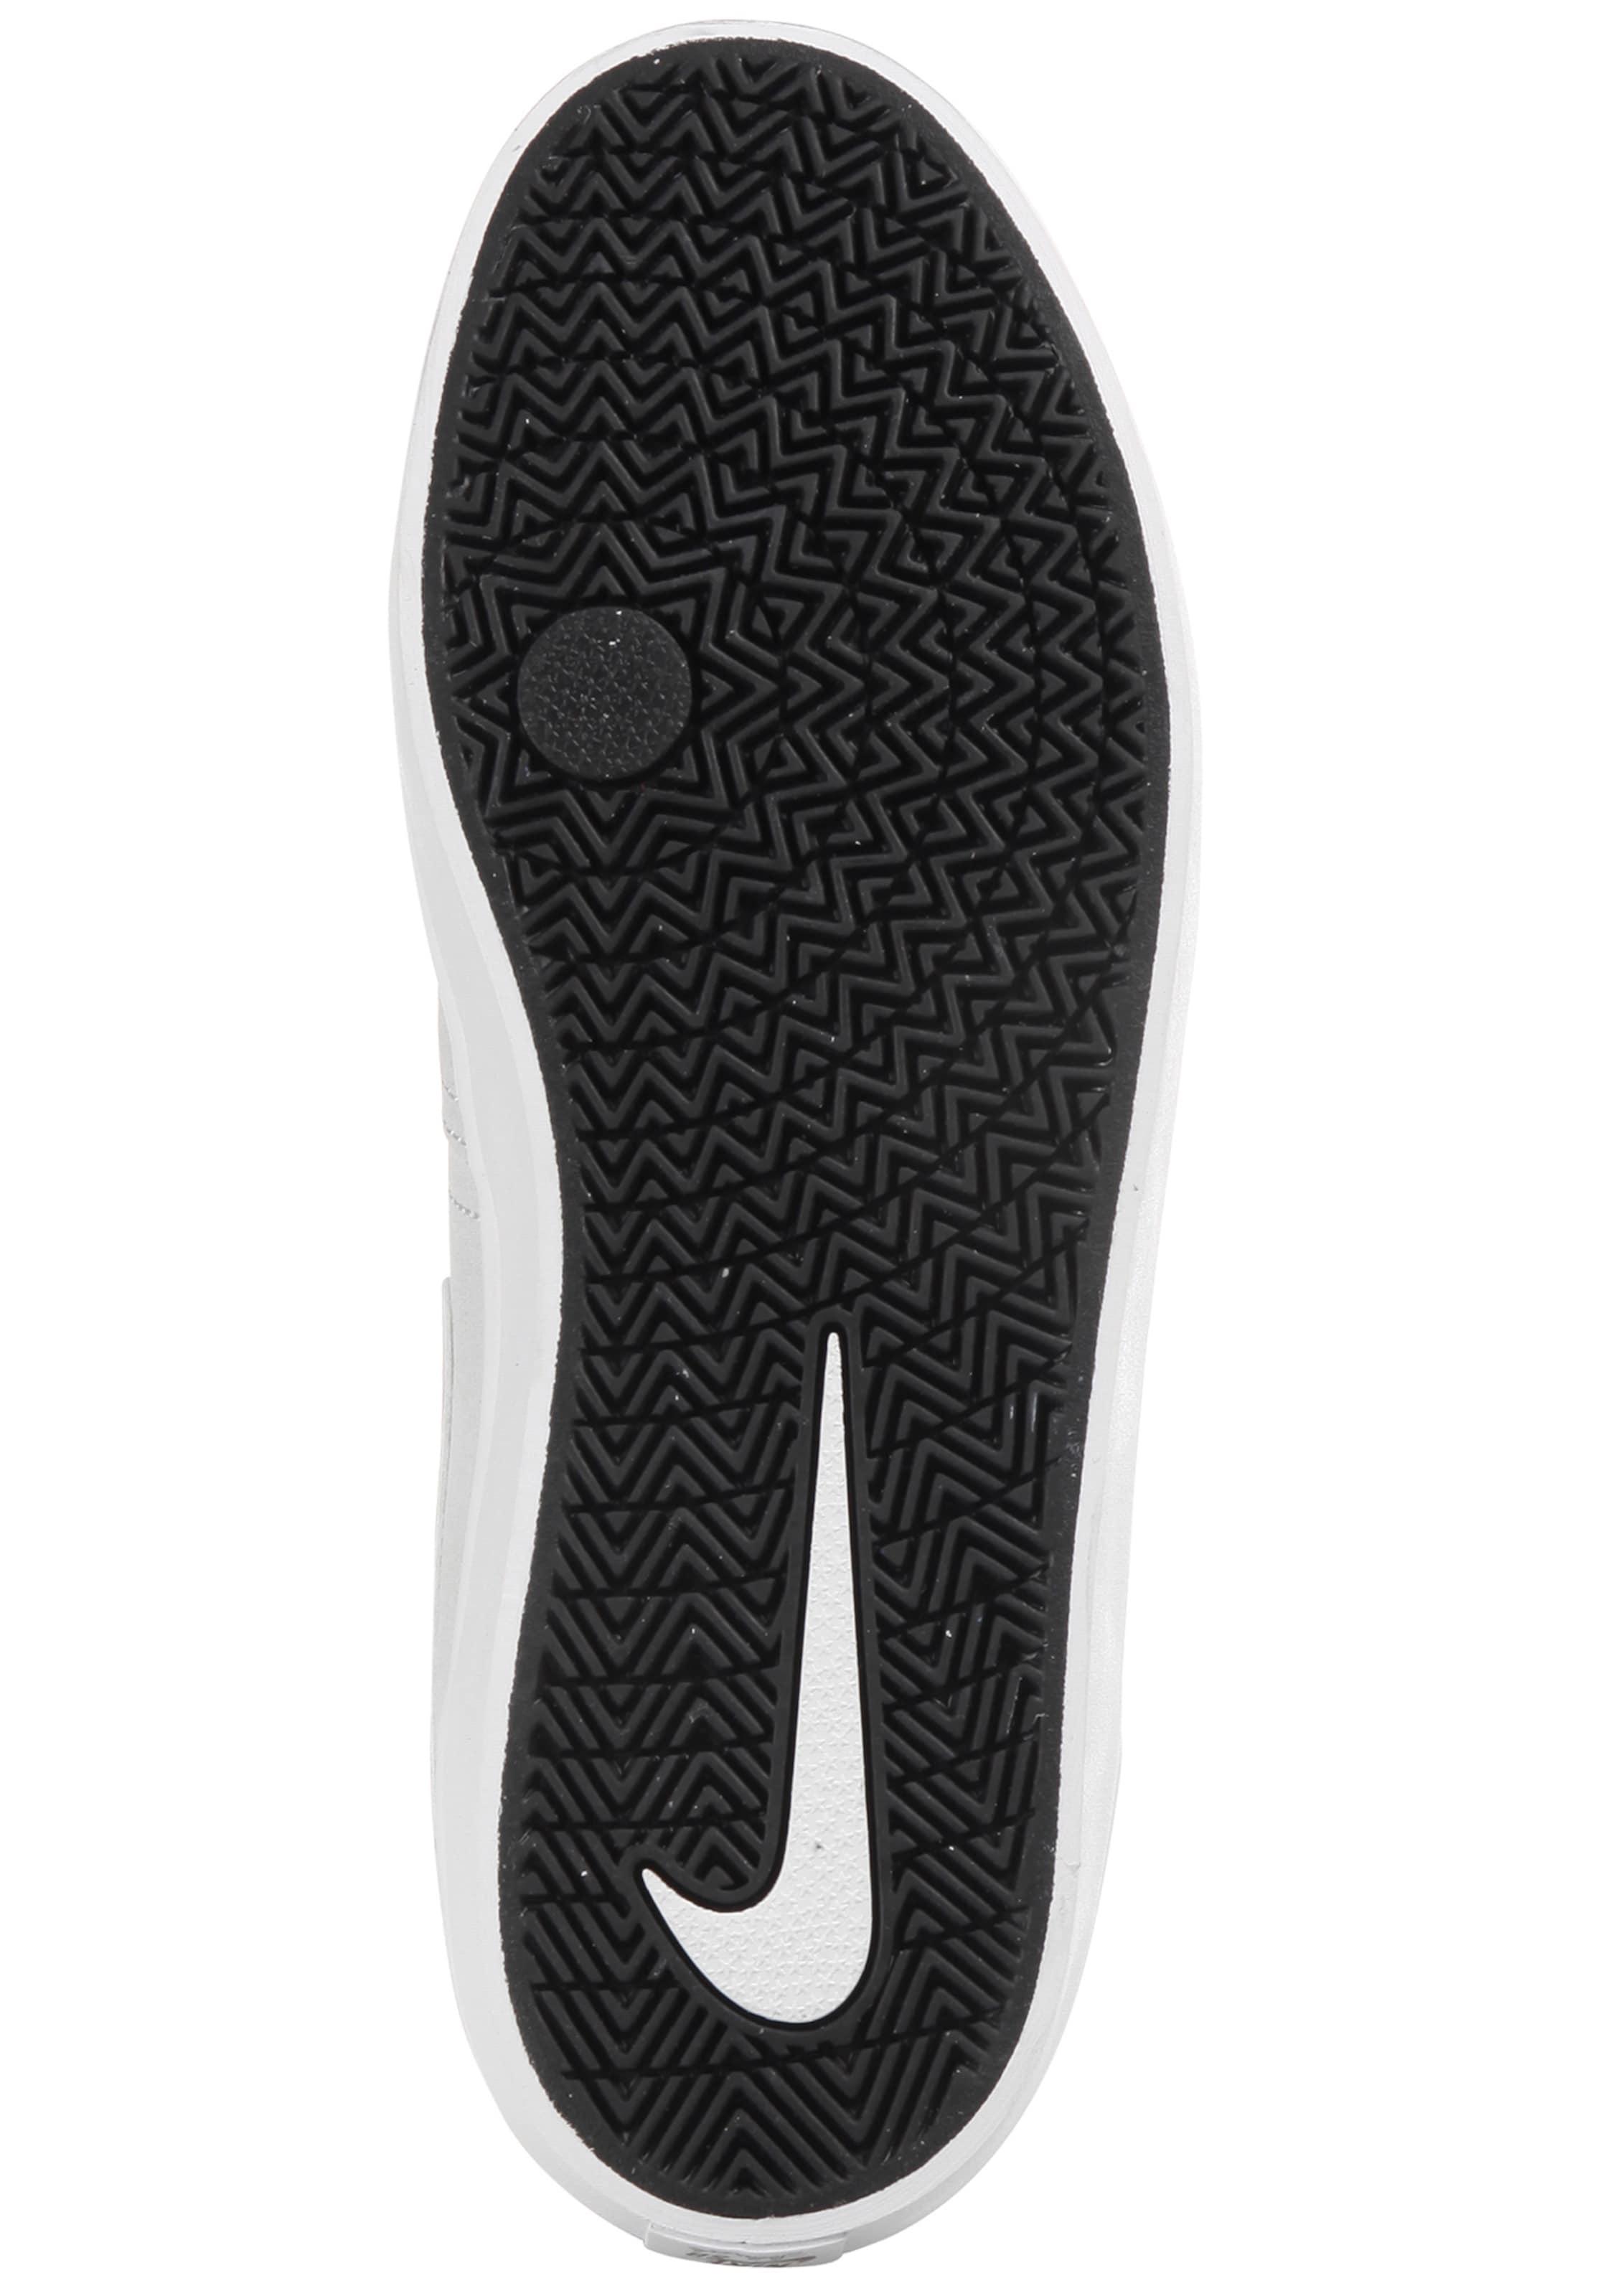 Nike SB Turnschuhe 'Check Solar Leder Wilde Freizeitschuhe Freizeitschuhe Freizeitschuhe b7d0f5